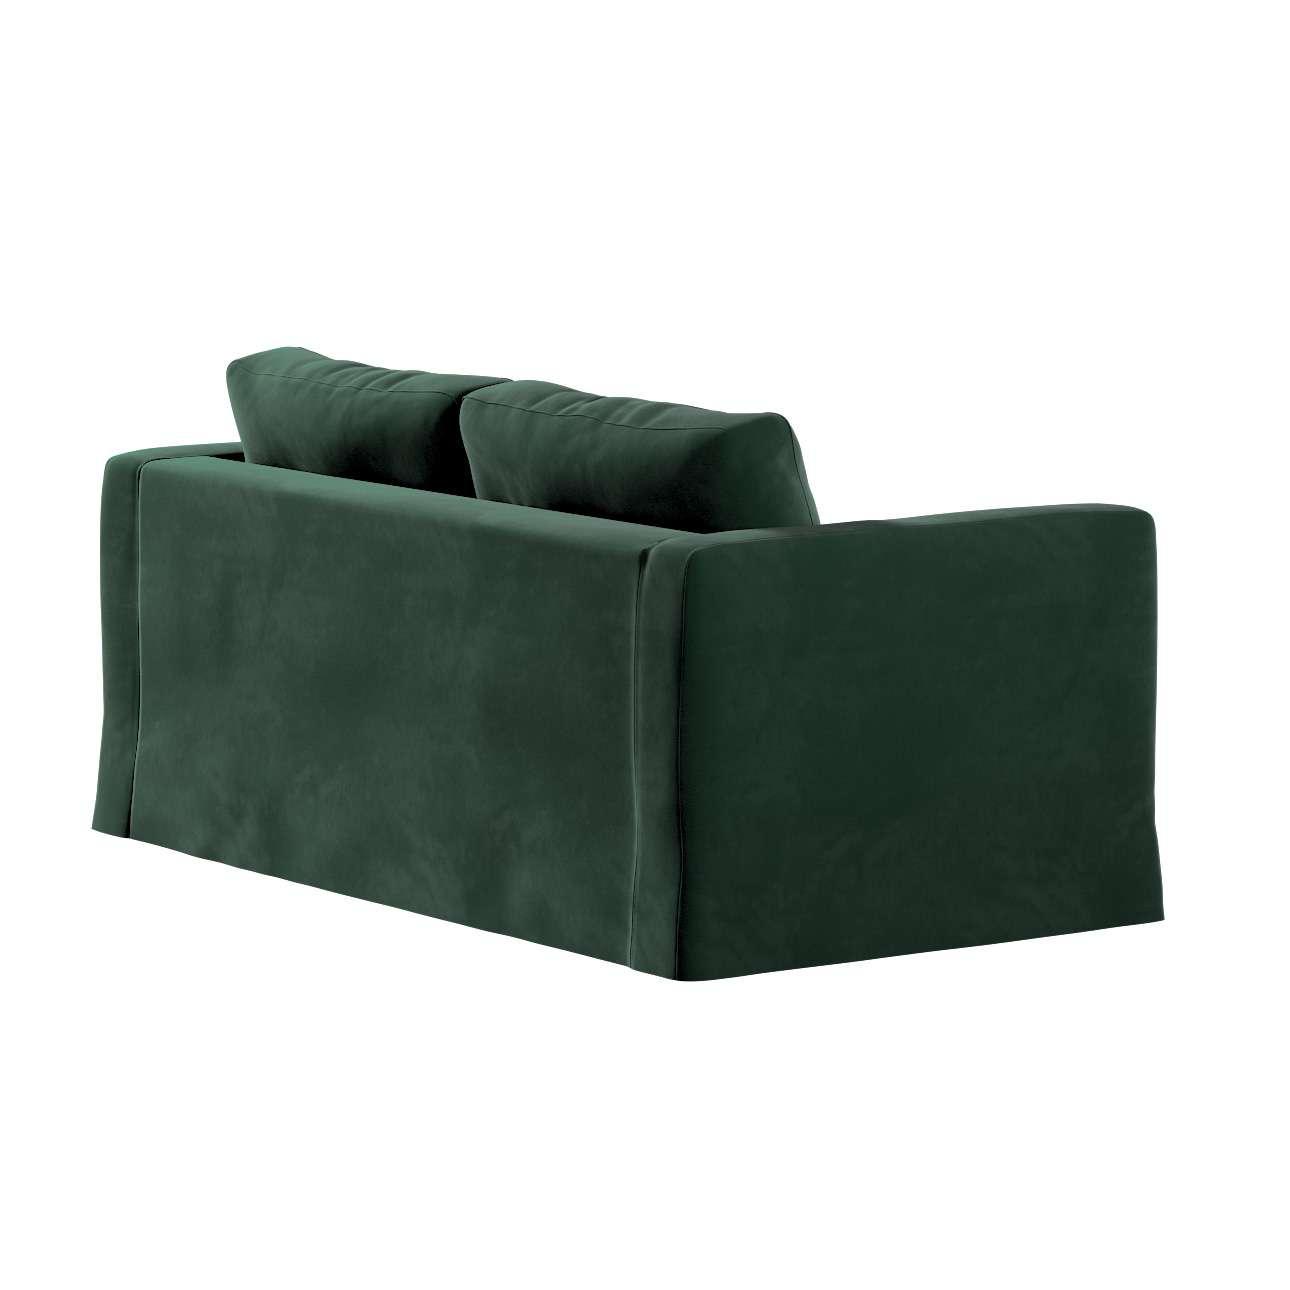 Pokrowiec na sofę Karlstad 2-osobową nierozkładaną długi w kolekcji Velvet, tkanina: 704-25